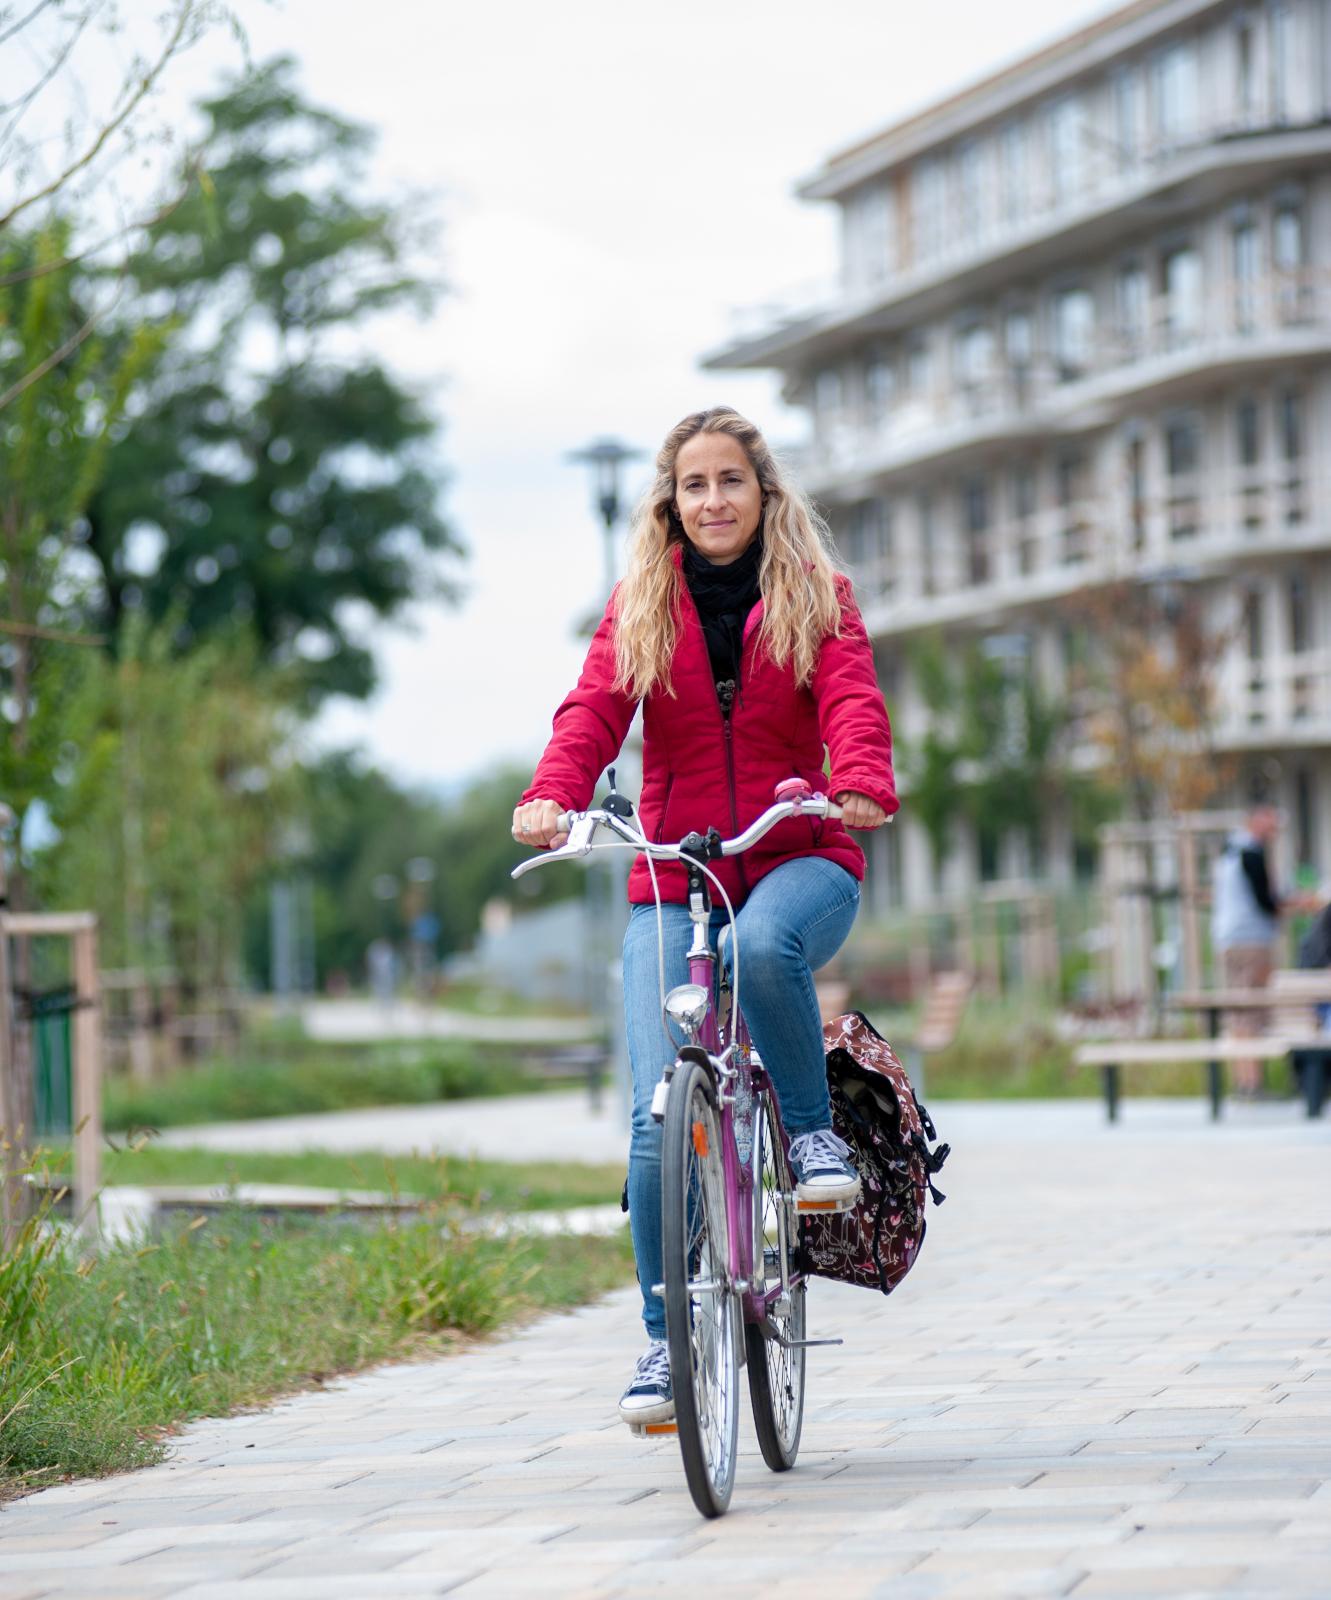 Szabó Rebeka alpolgármester kerékpáron - fotó